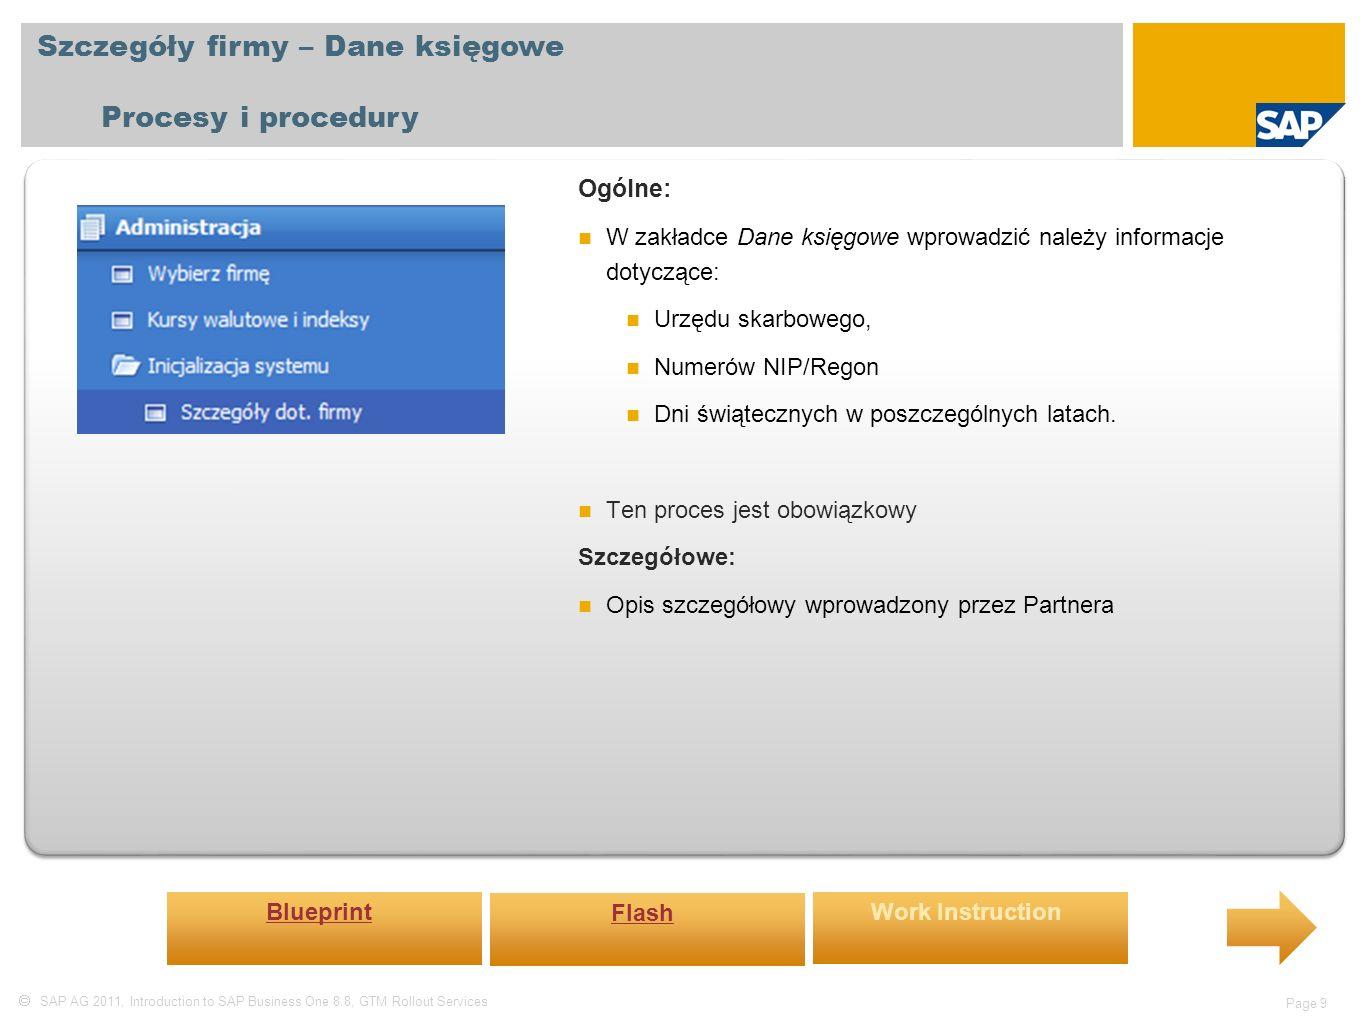  SAP AG 2011, Introduction to SAP Business One 8.8, GTM Rollout Services Page 30 Administracja Add On Procesy i procedury Ogólne: Rozwiązania typu Add On SAP lub SSP można zastosować w celu rozszerzenia funkcjonalności SAP Business One.